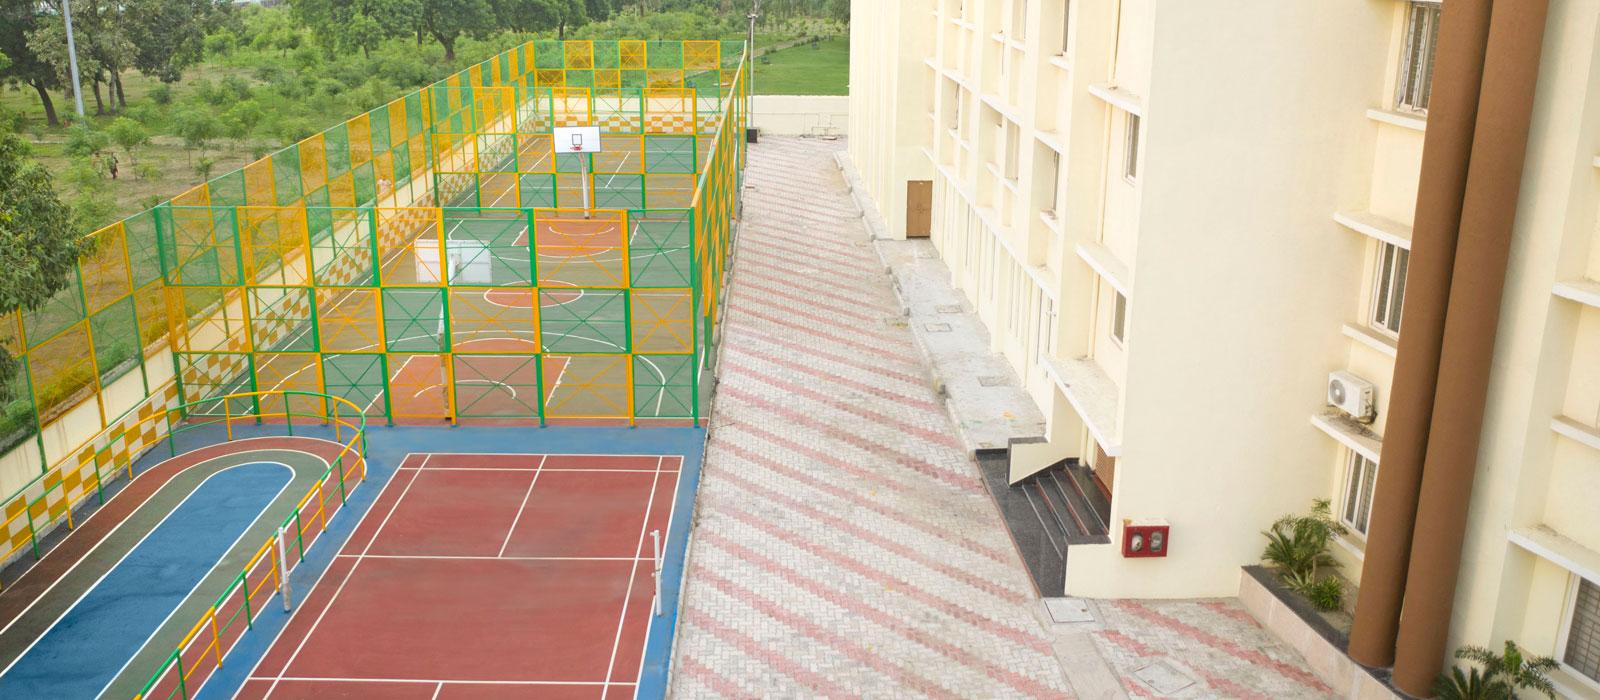 Top Ranking School in Noida